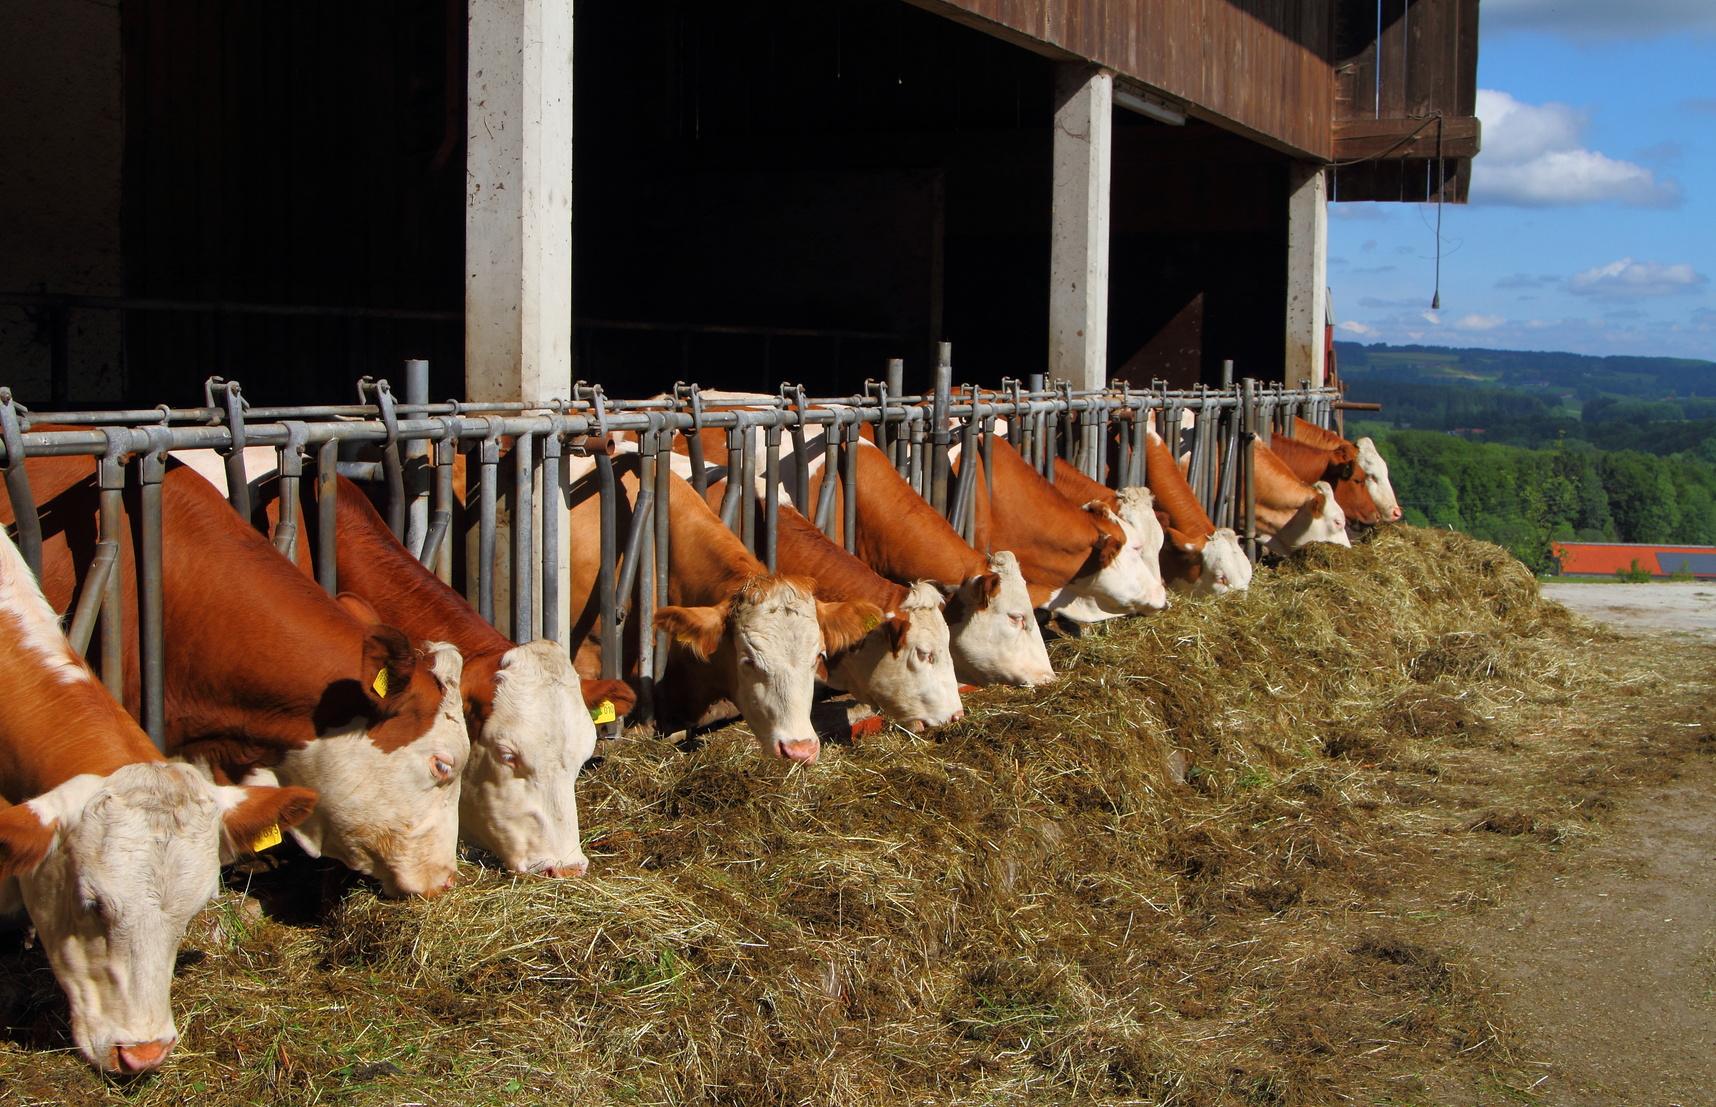 Eine Reihe von Kühen in einem Offenstall fressen Heu